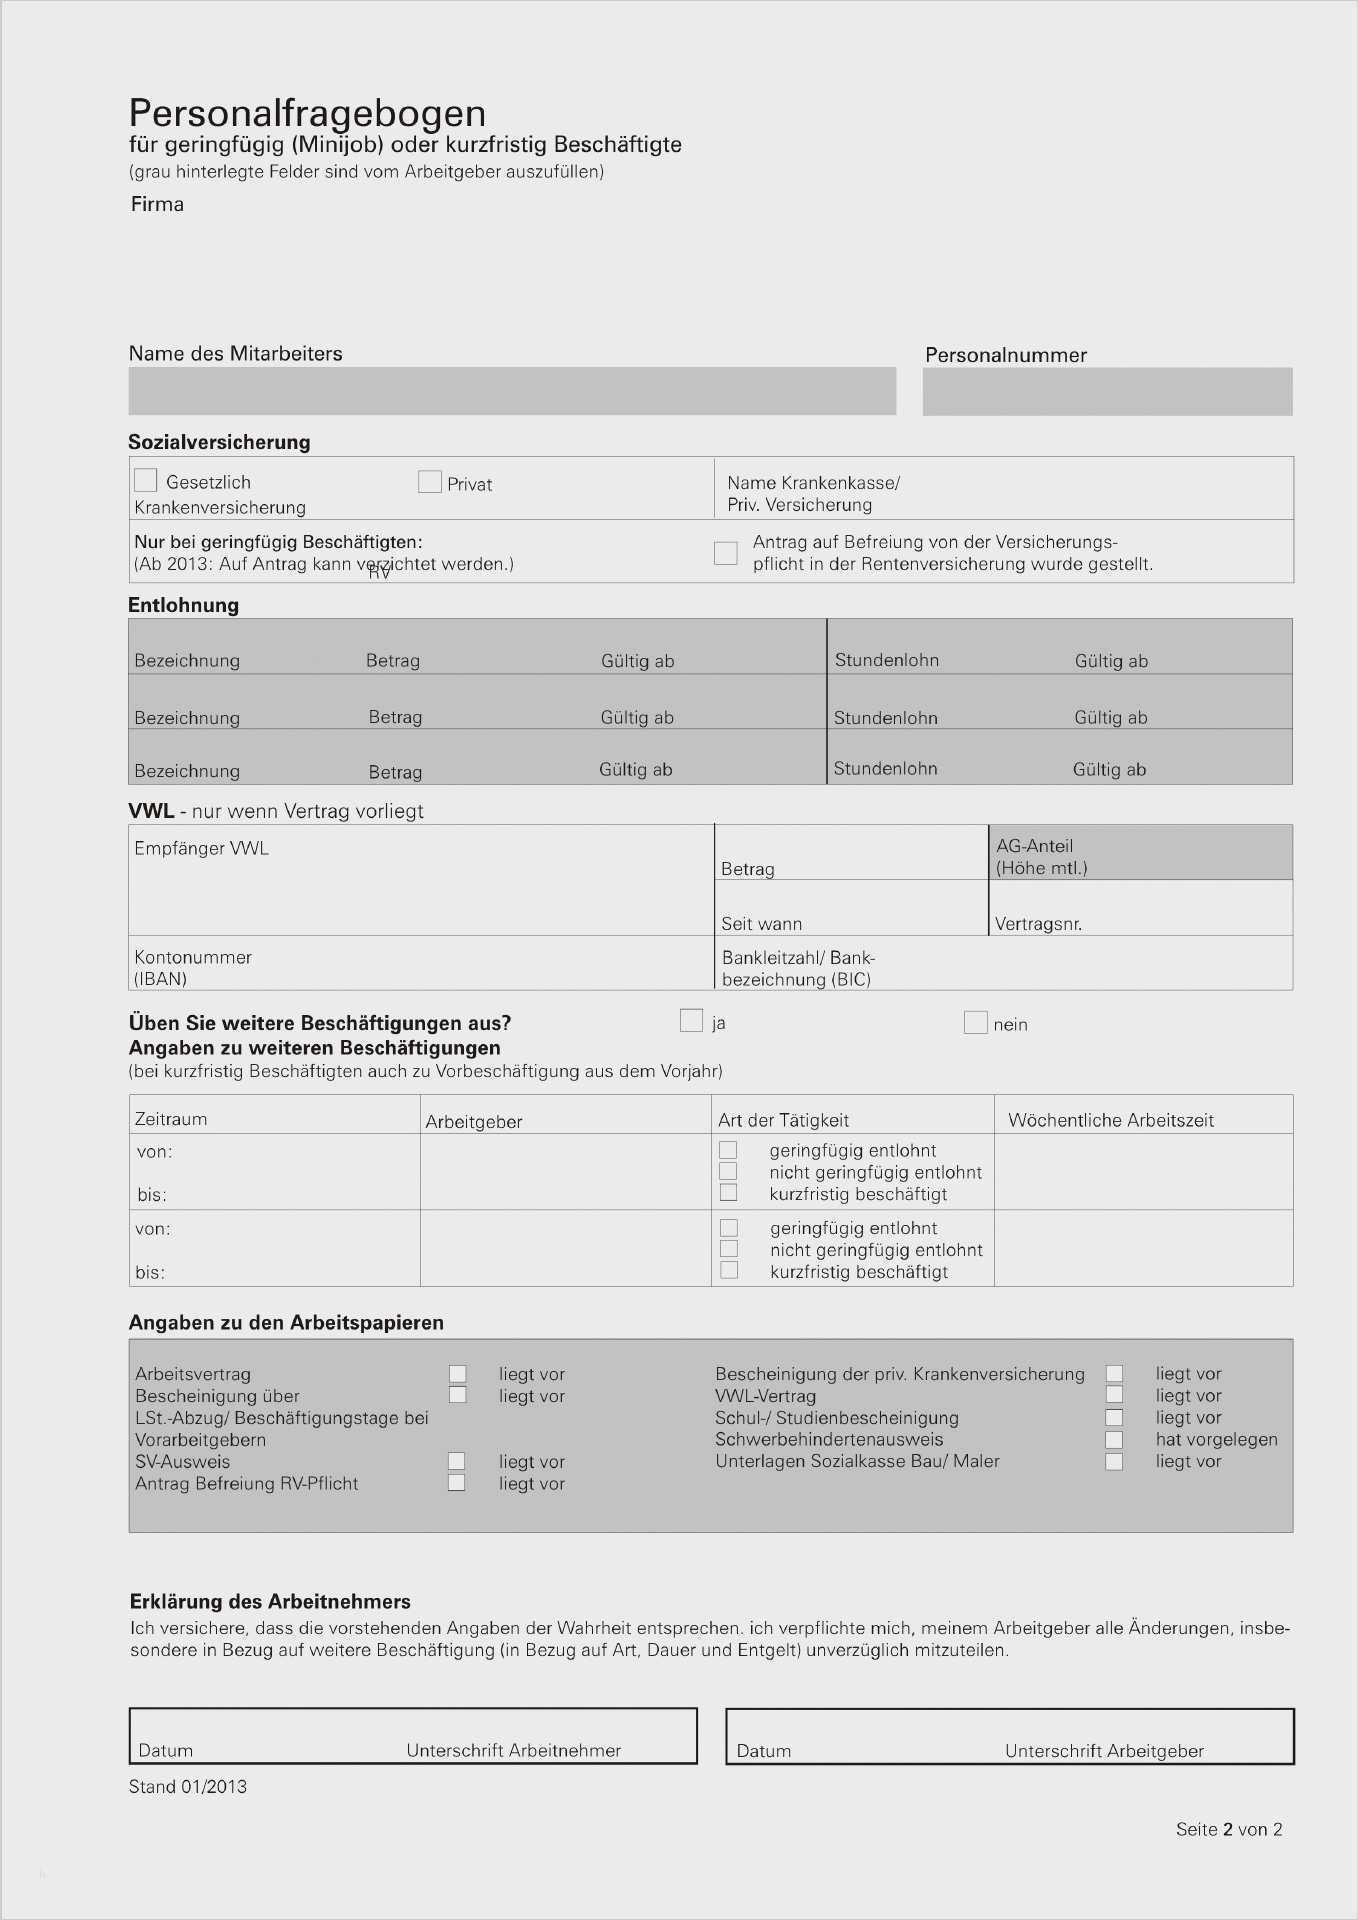 33 Cool Vorlage Zur Dokumentation Der Taglichen Arbeitszeit Kostenlos Gut Designt Diese Konne Lebenslauf Layout Dokumentation Website Vorlagen